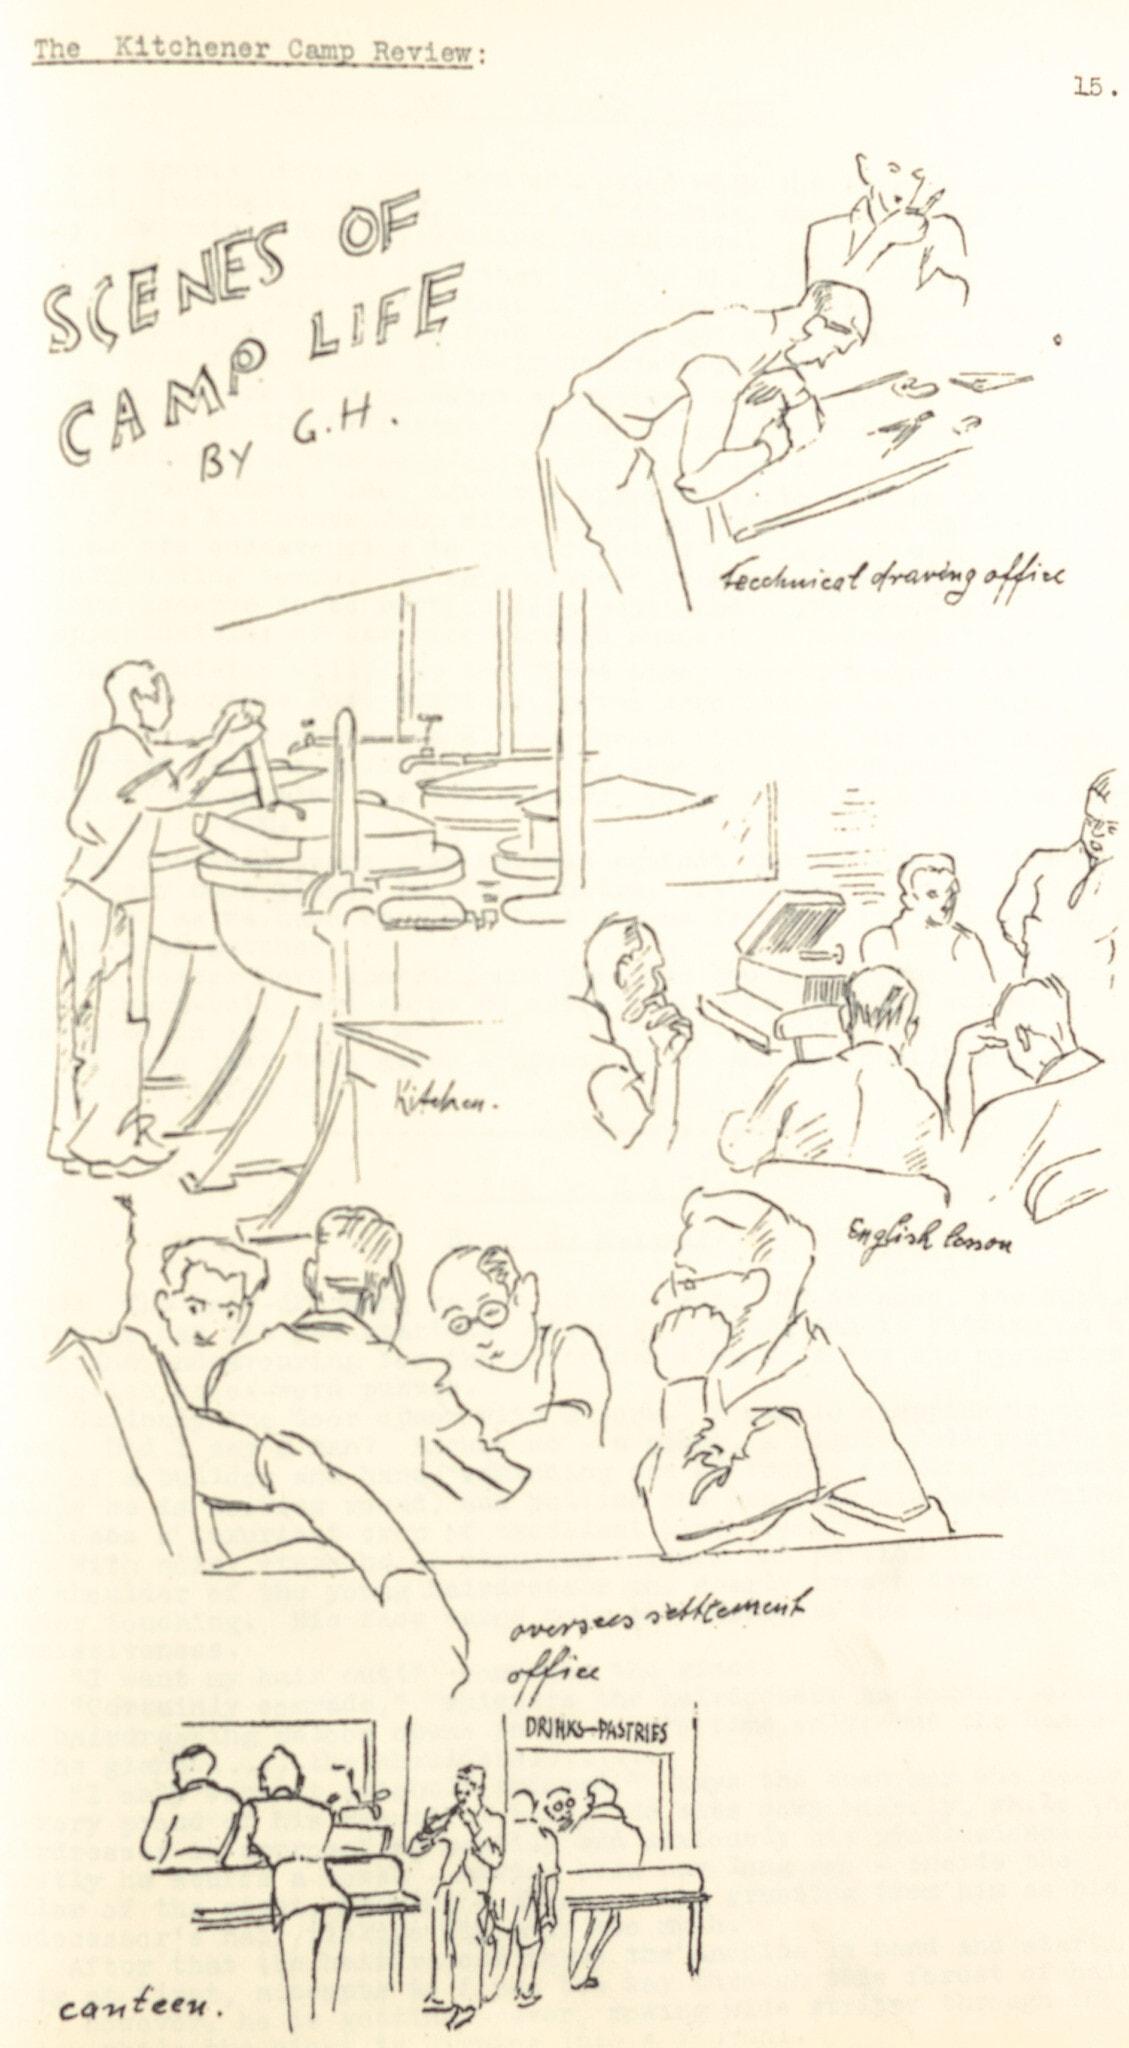 """הירחון """"Kitchener Camp Review"""" פורסם ממרץ עד נובמבר 1939 ונערך על ידי פיניאס מיי. העיתון כלל מאמרים ורישומים פרי עטם של צוות המחנה ודייריו (צילום: אוסף ספריית וינר בלונדון)"""